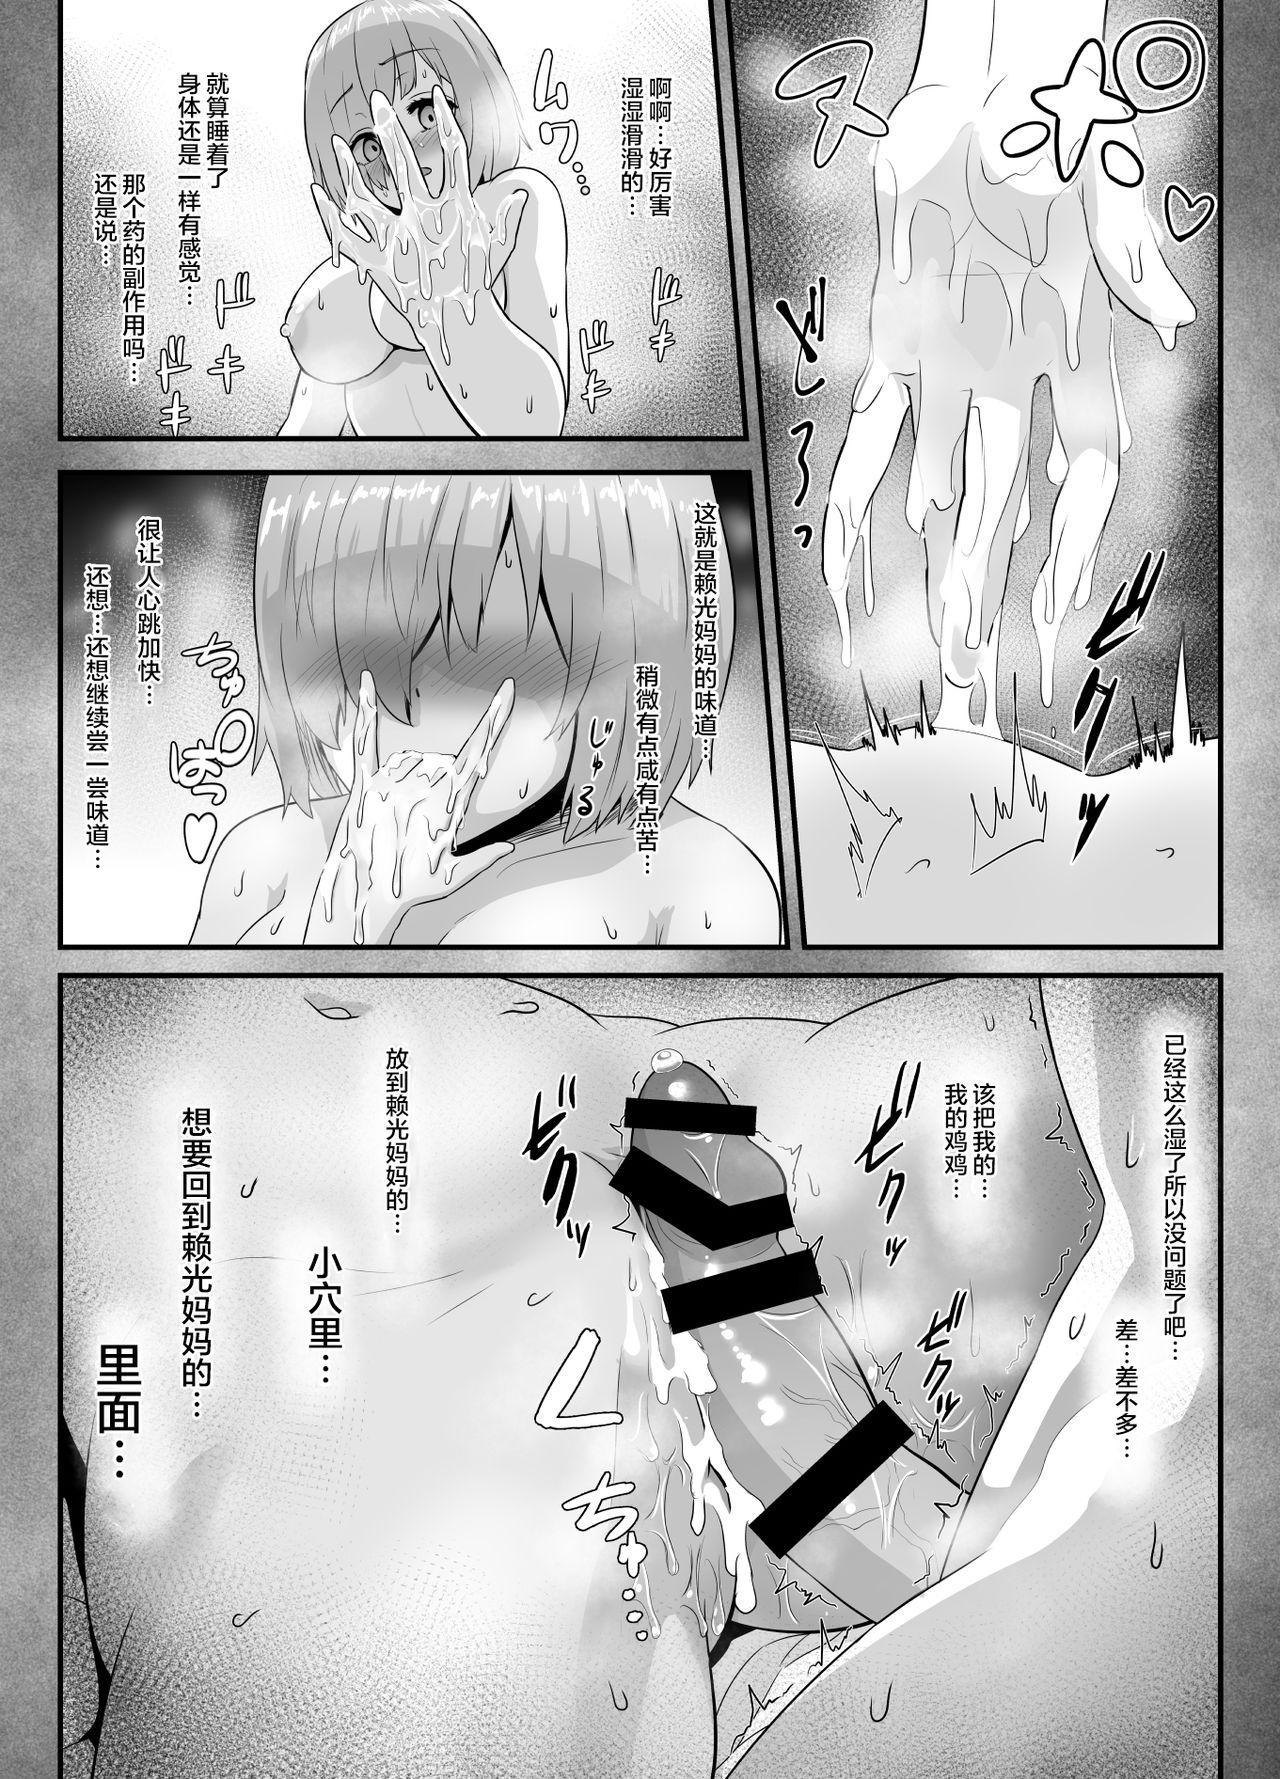 [Sadalsuud (Hoshiaka)] Seijun datta Hazu no Mashu wa Futanari no Yuuwaku ni Ochiru Dai-4-wa (Fate/Grand Order) [Chinese] [不咕鸟汉化组] 14